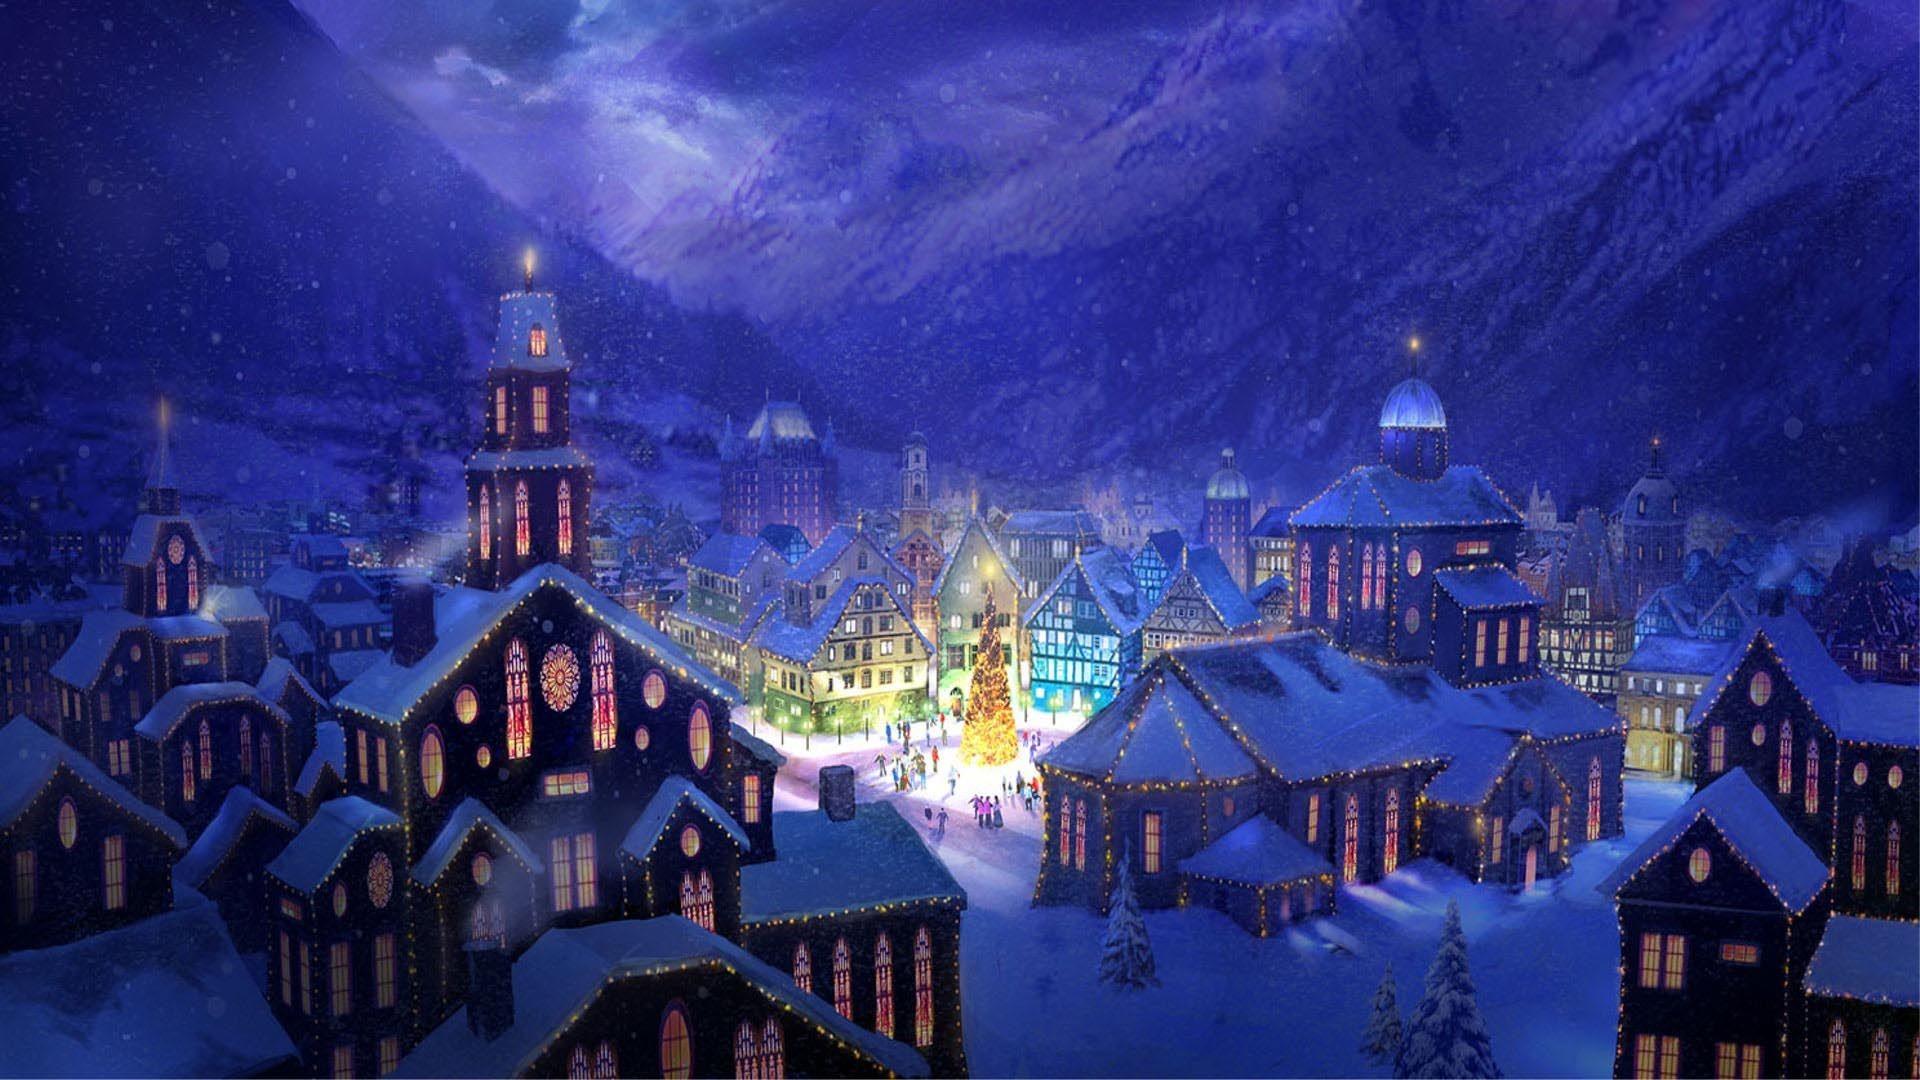 Hd wallpaper xmas – Christmas Hd Wallpapers Download